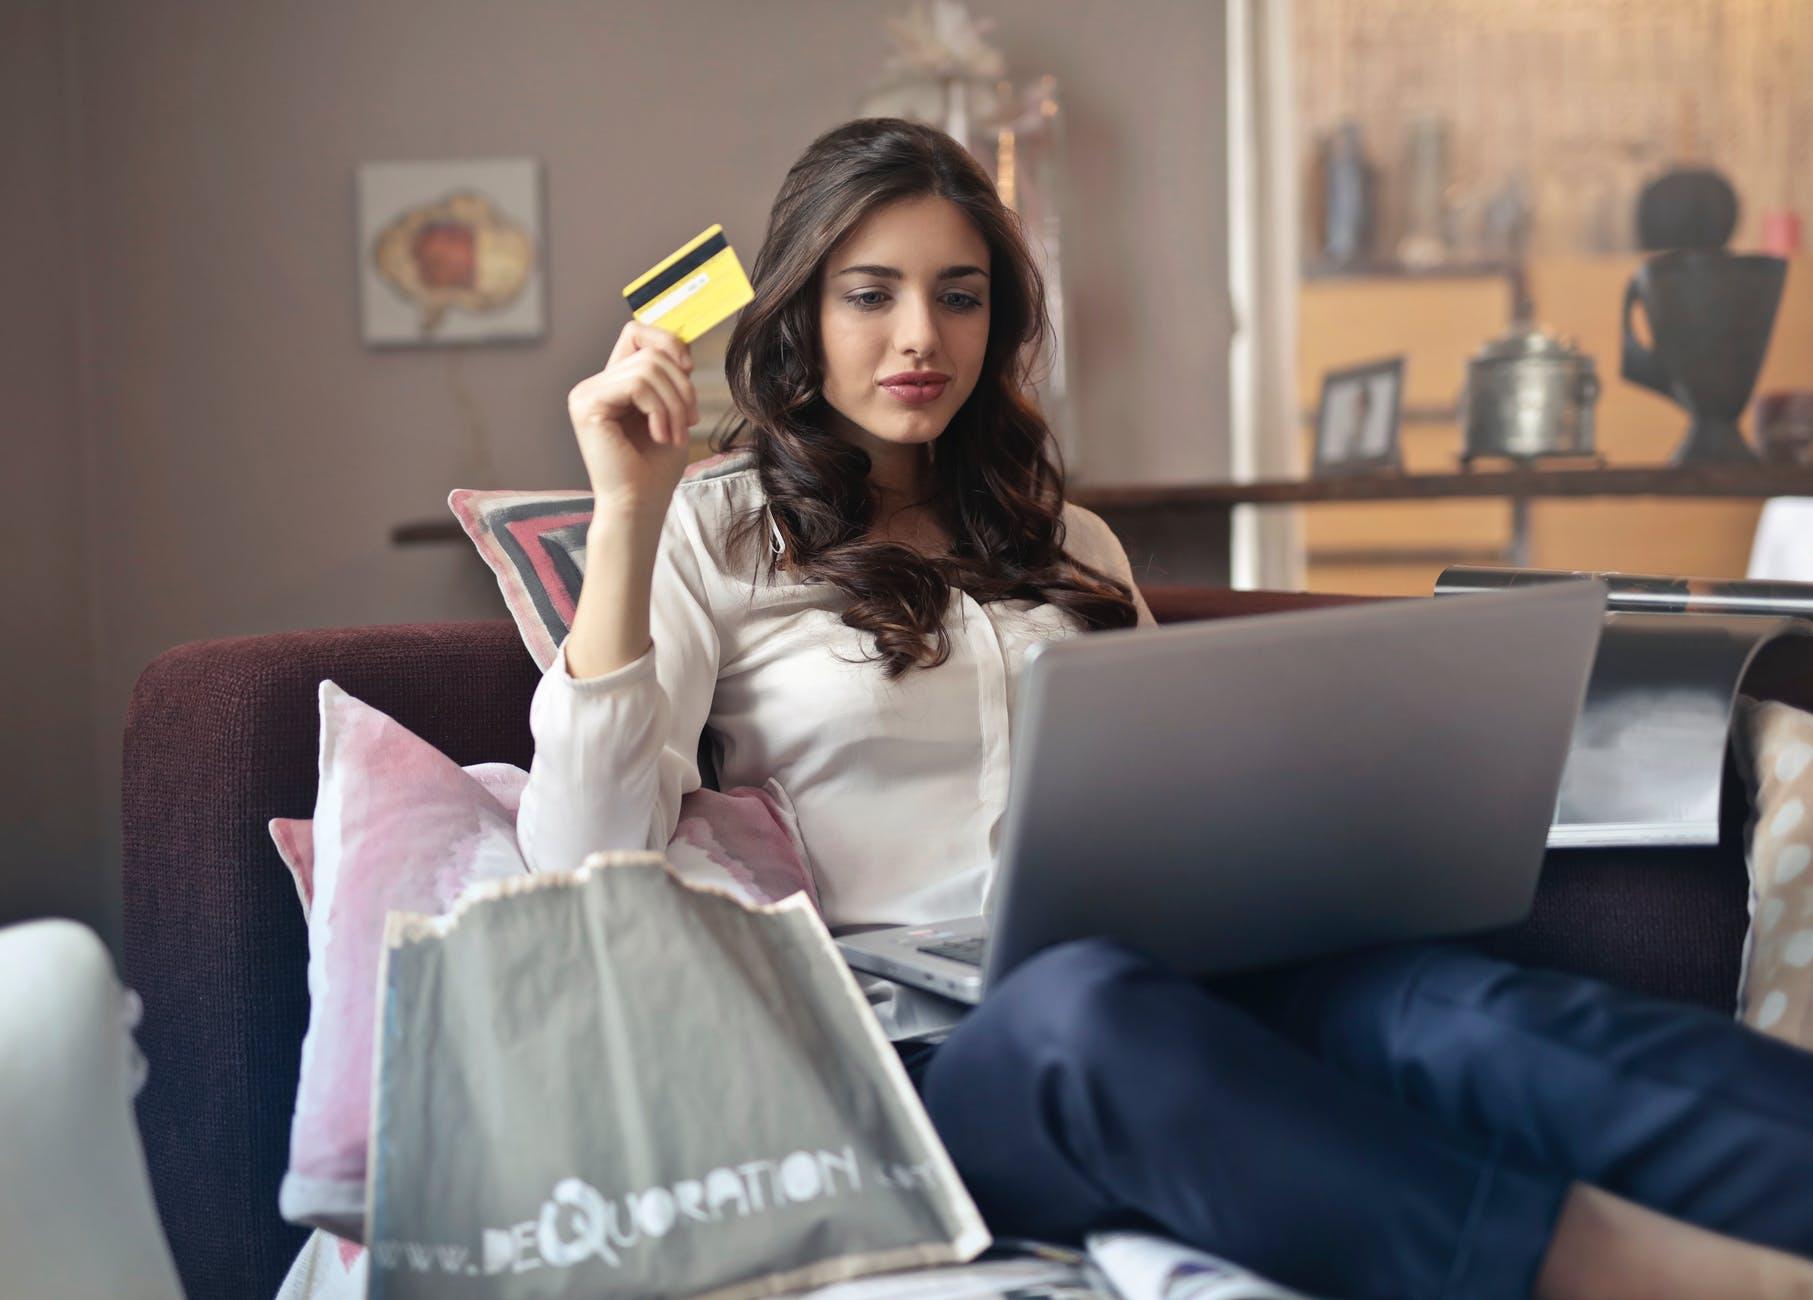 אביזרי חשמל- האם בטוח לקנות אונליין?